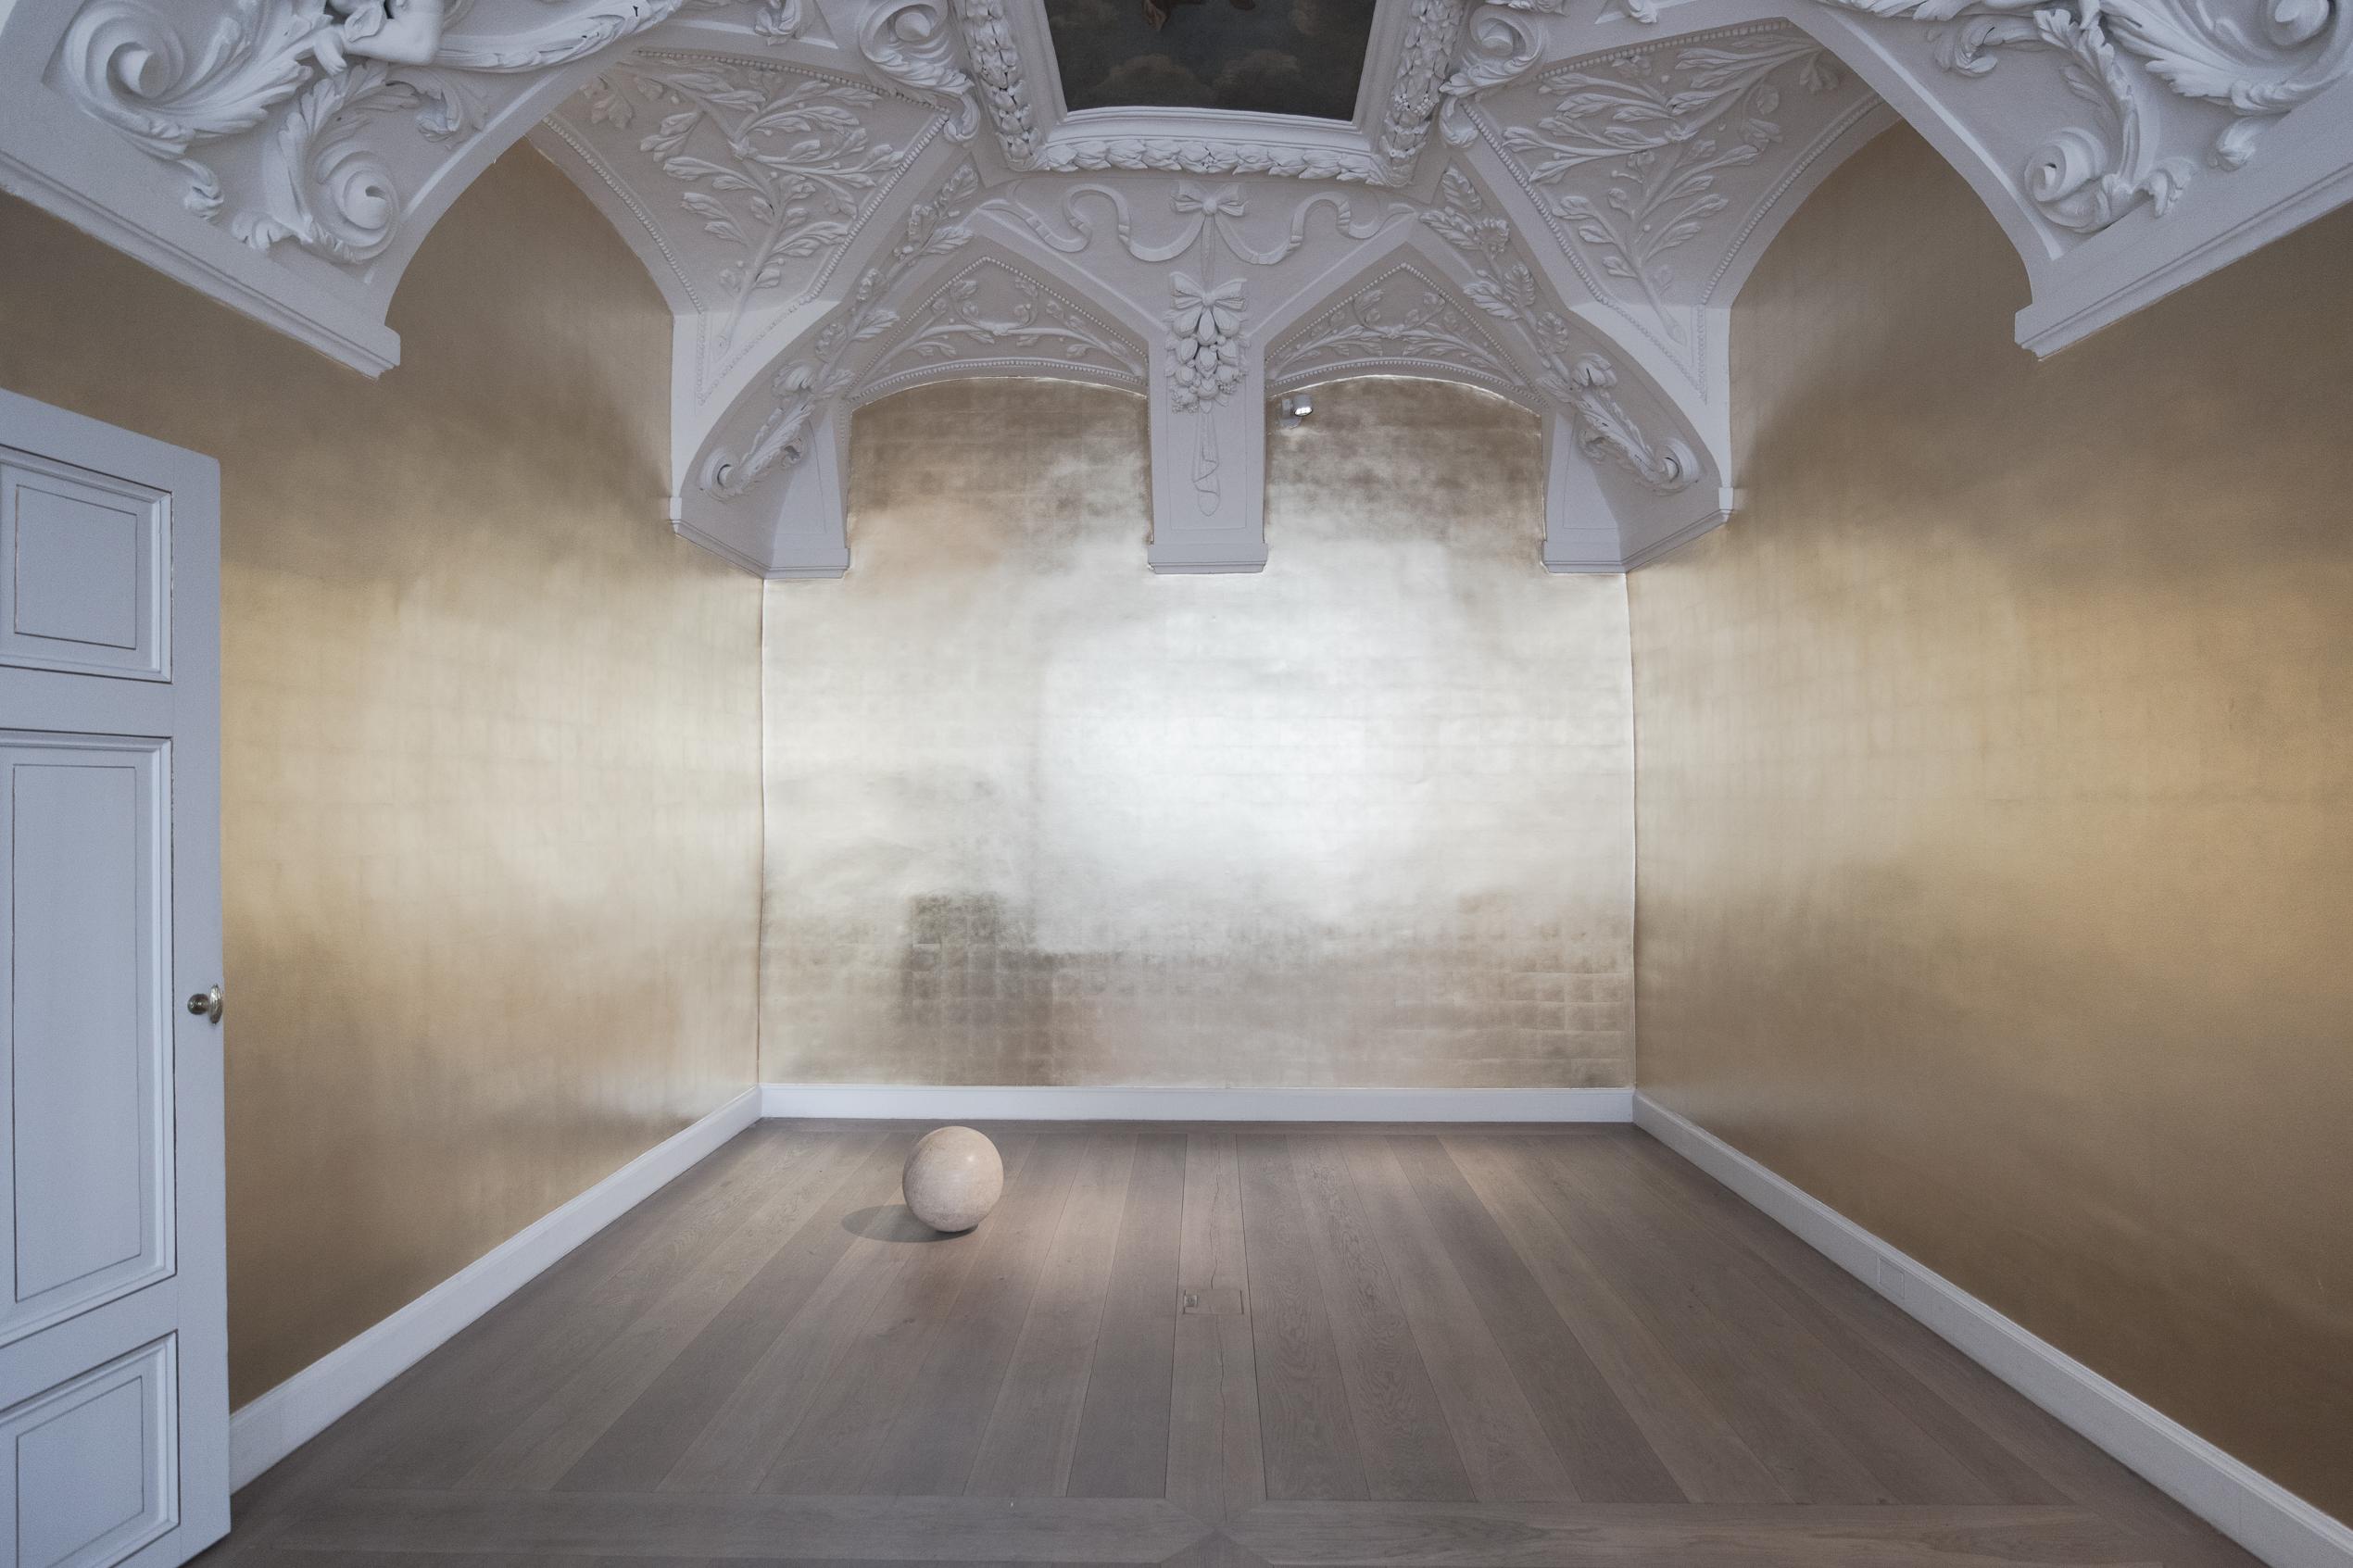 Gallery Weekend Berlin 2019 – Galerie Kewenig